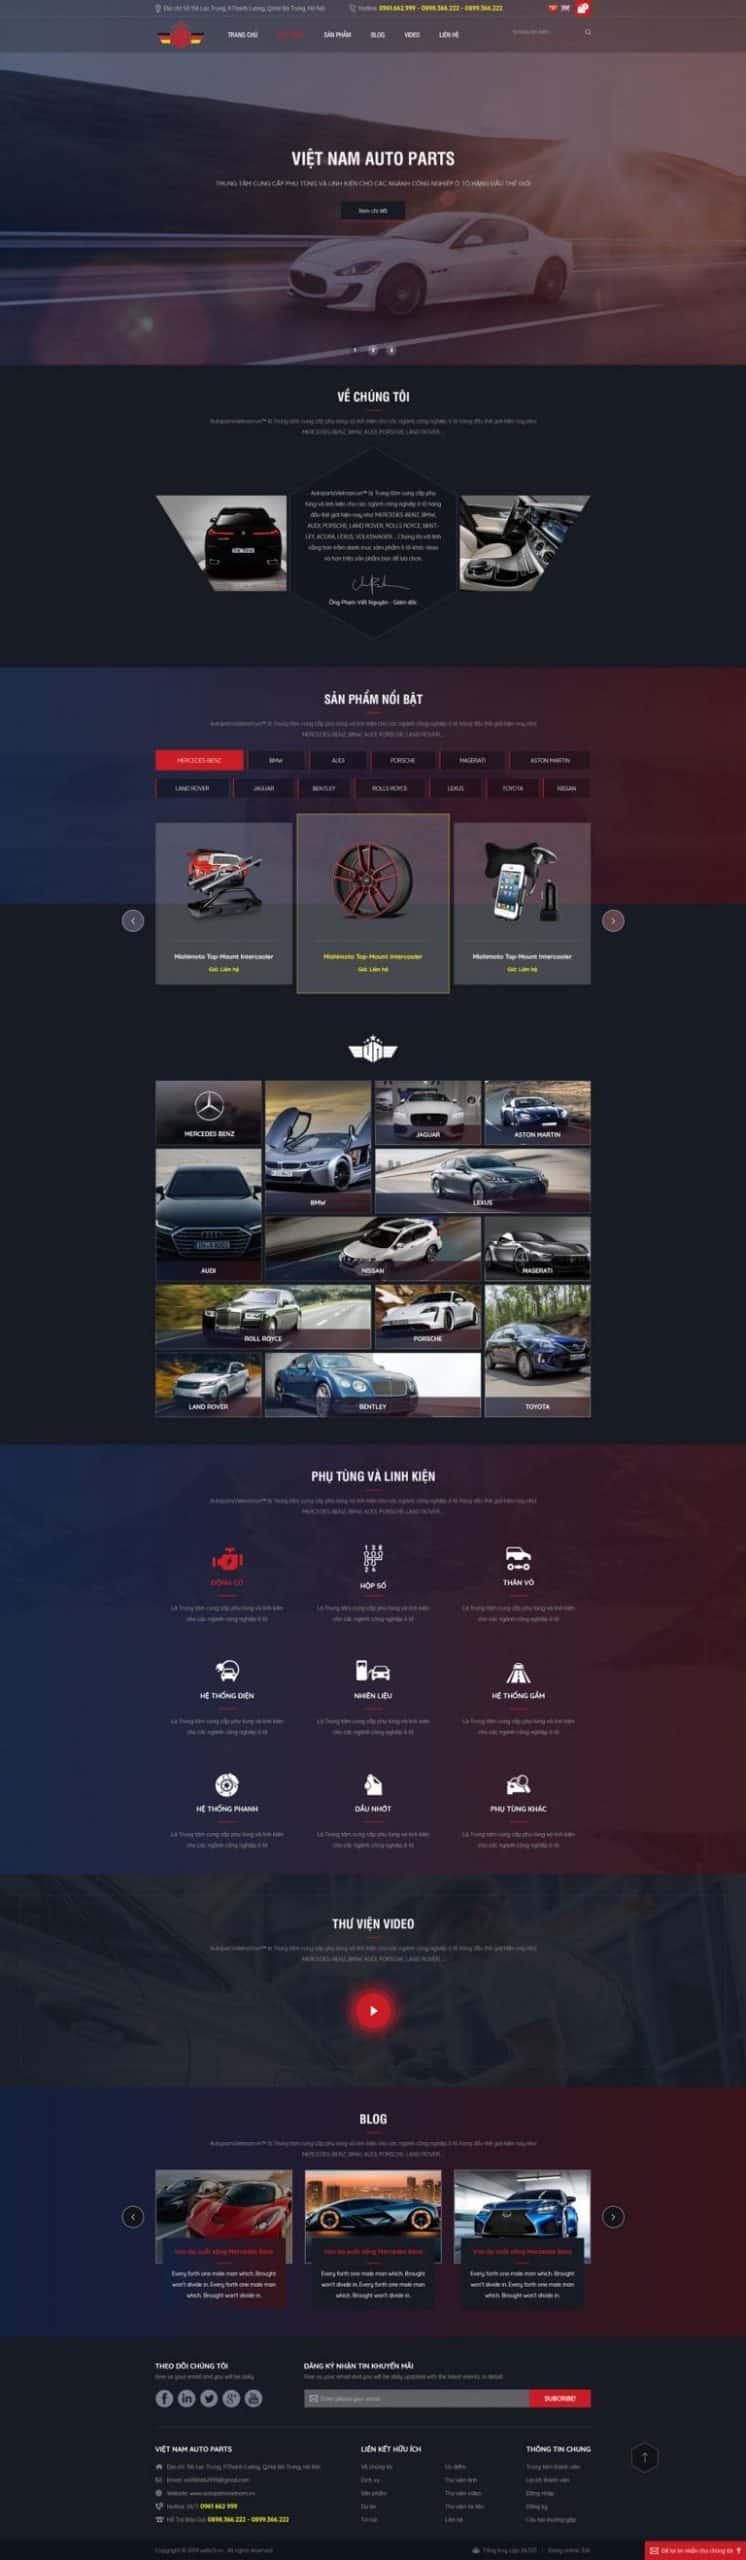 Thiết kế website Phụ tùng ô tô VN